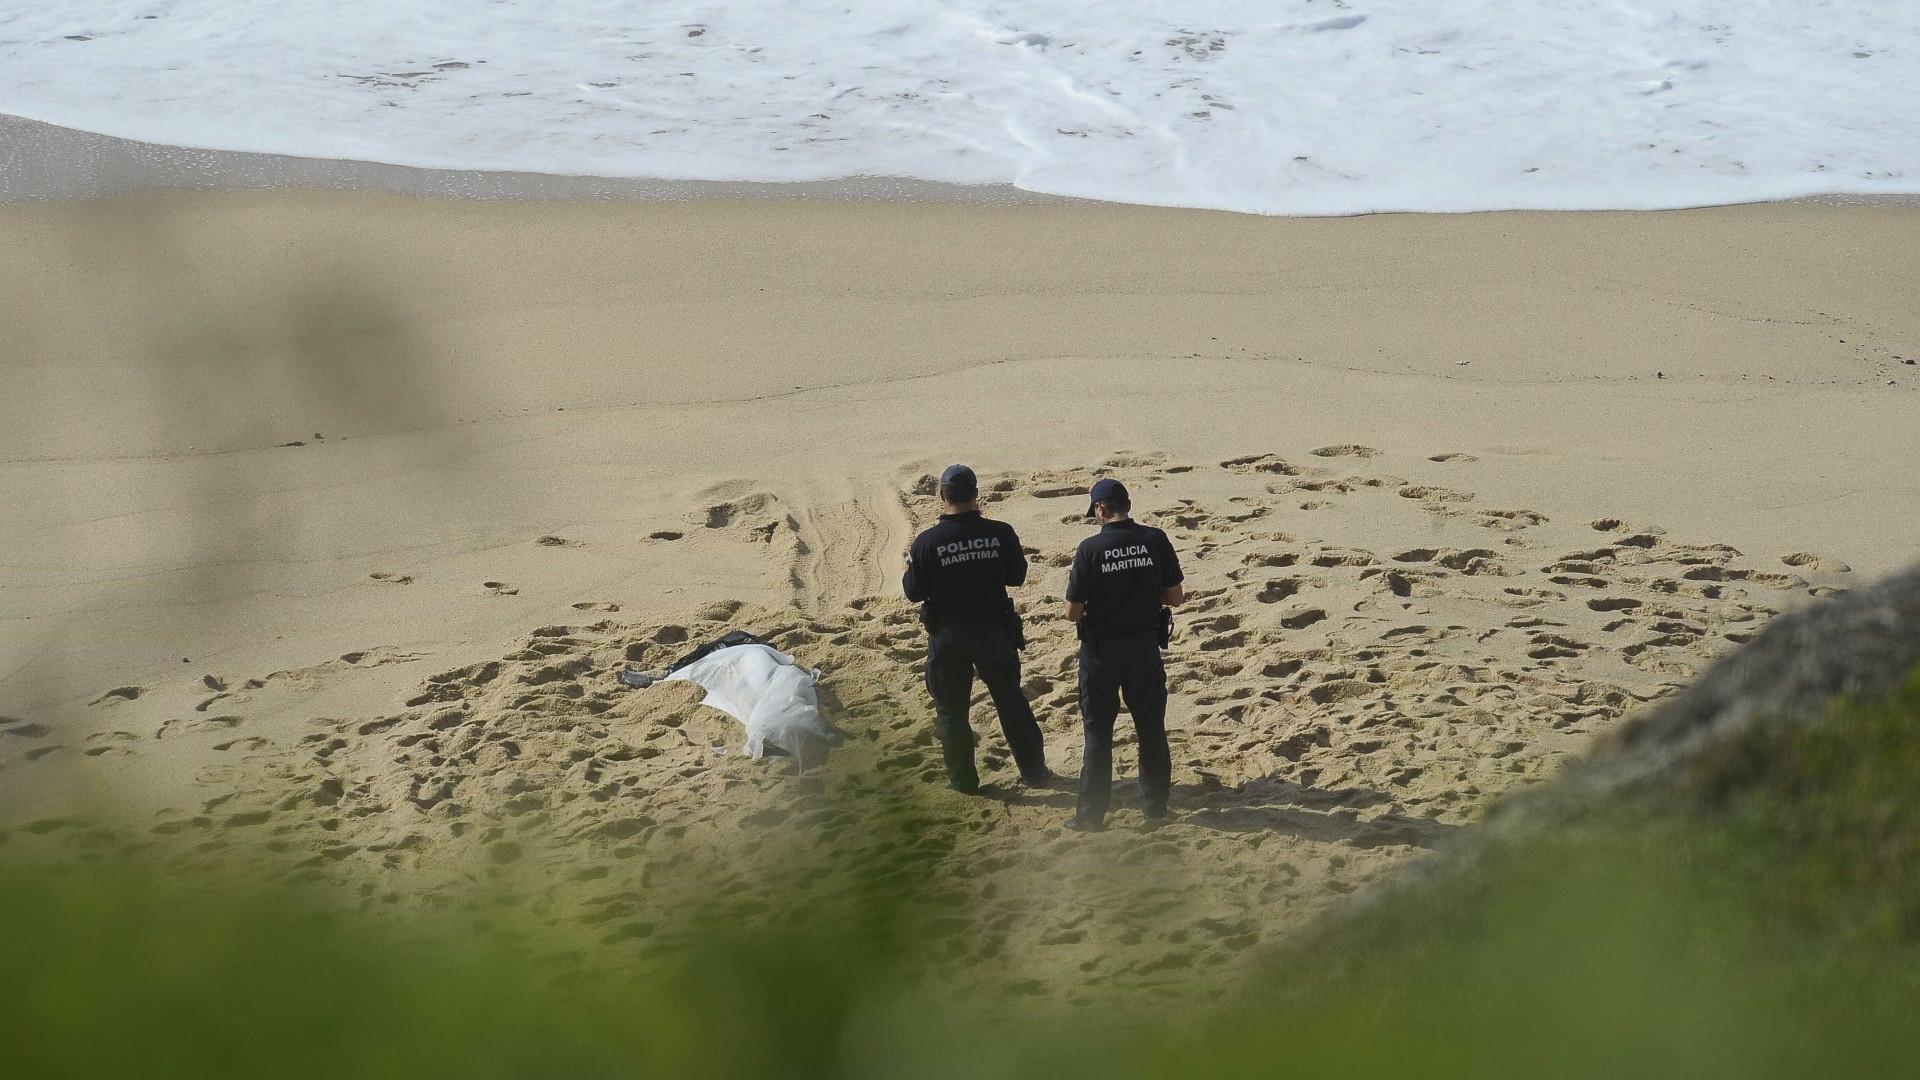 PJ descarta crime associado aos dois cadáveres encontrados em praia